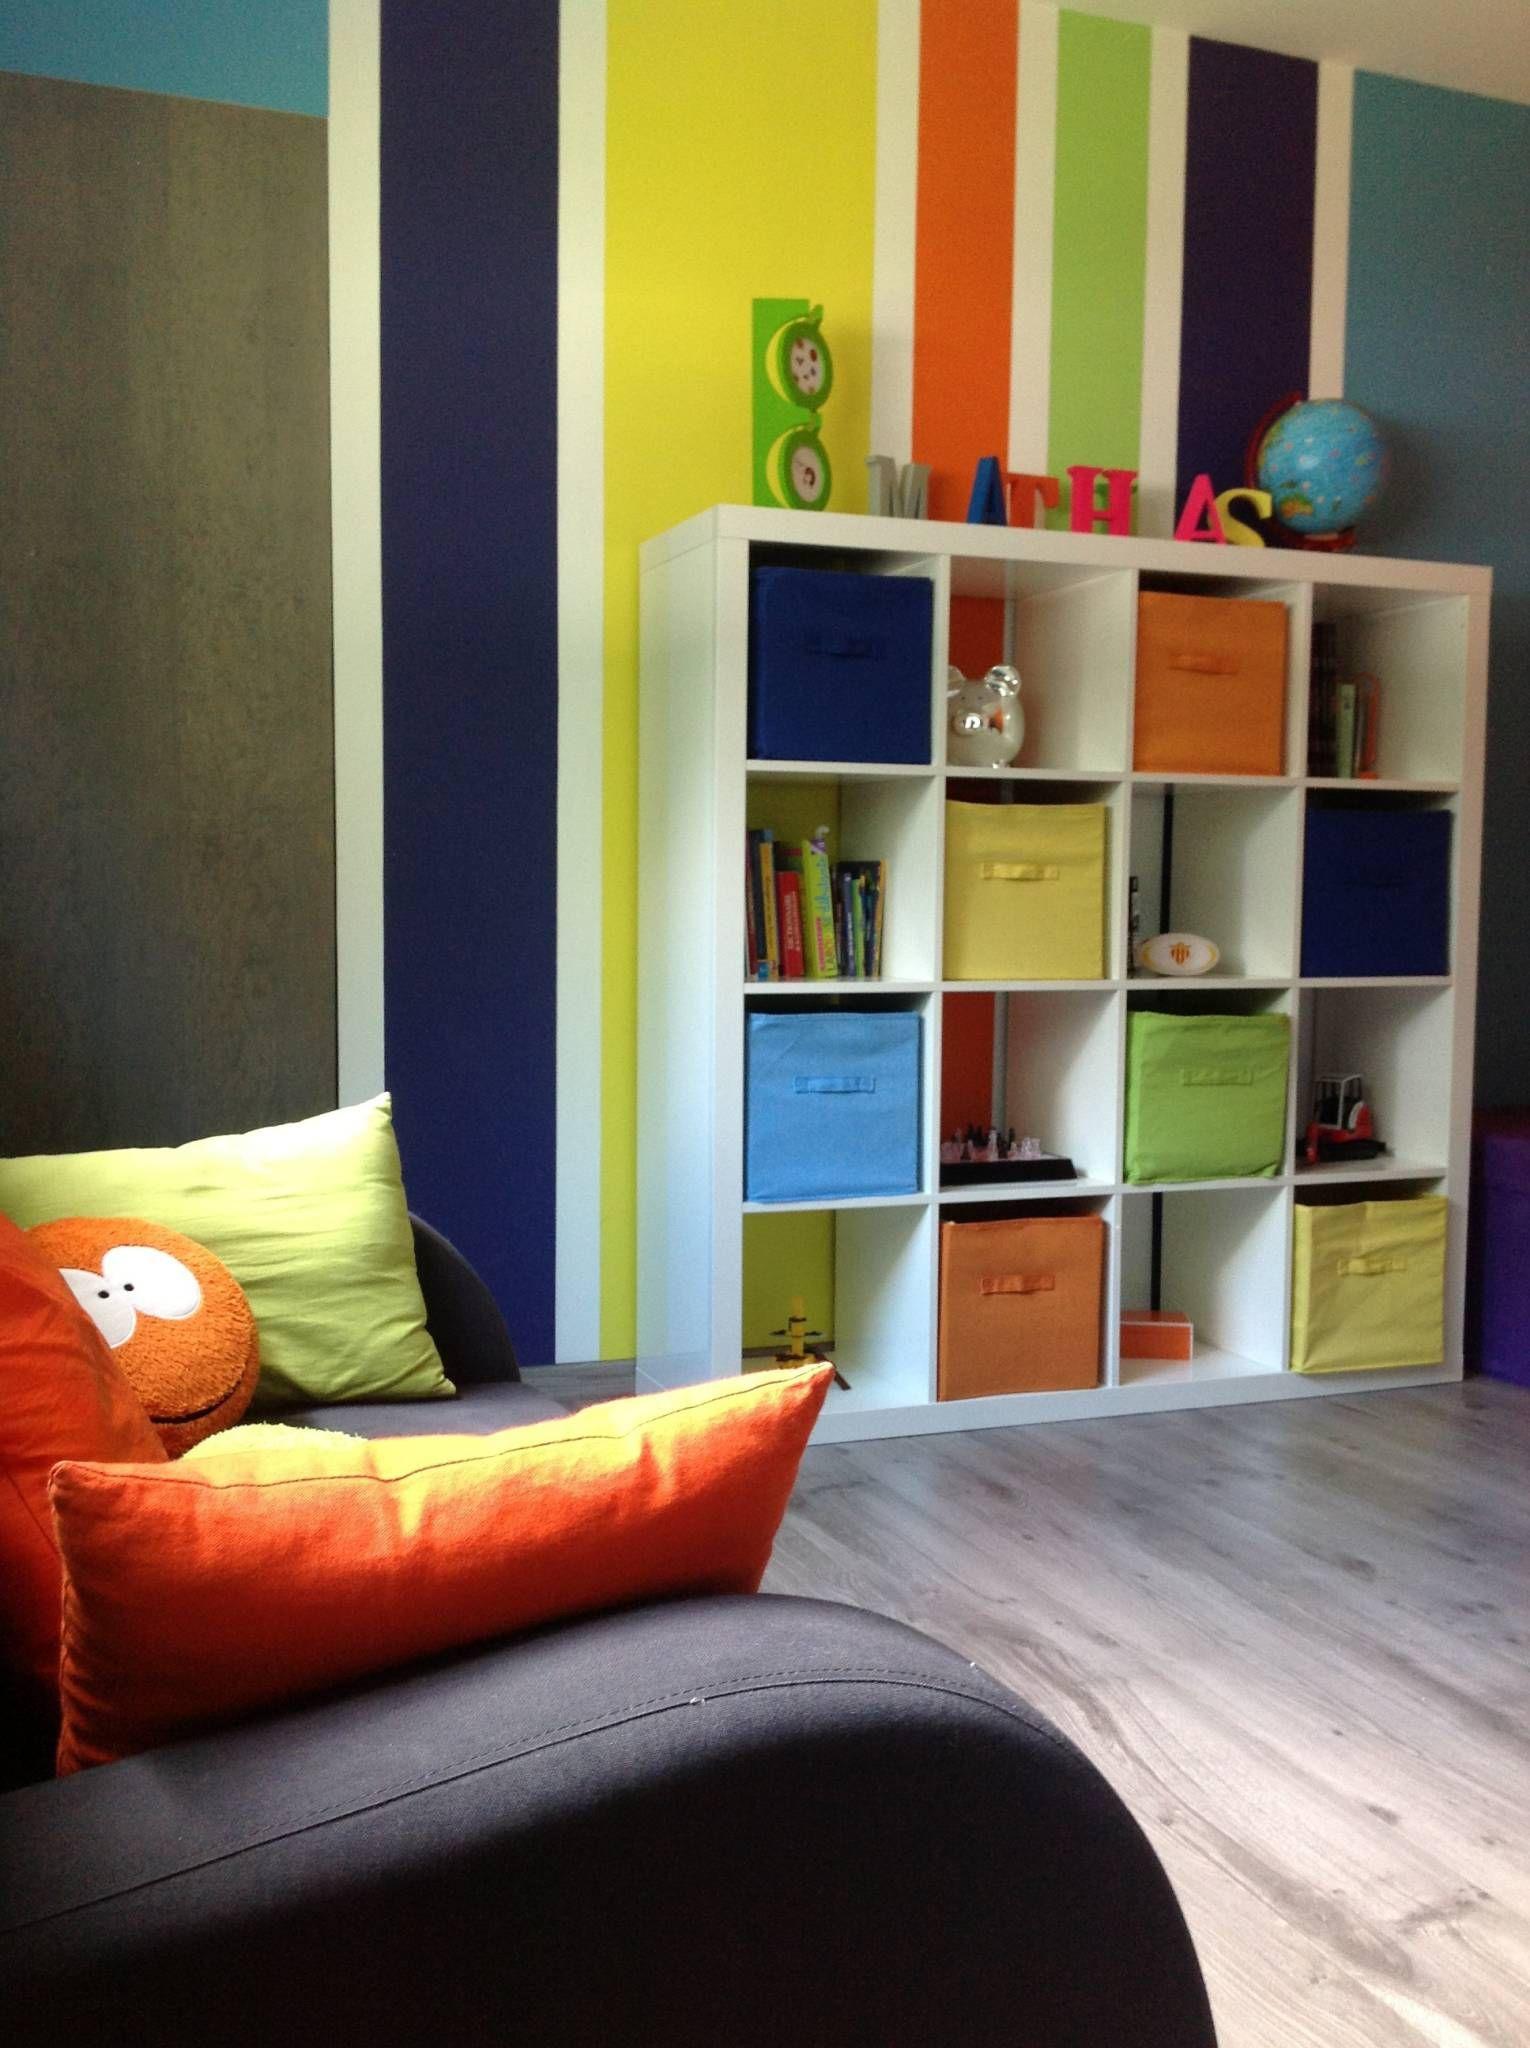 Am nagement et d coration d 39 une salle de jeux pour enfant chambre d enfant de style par myriam - Amenagement chambre enfant ...